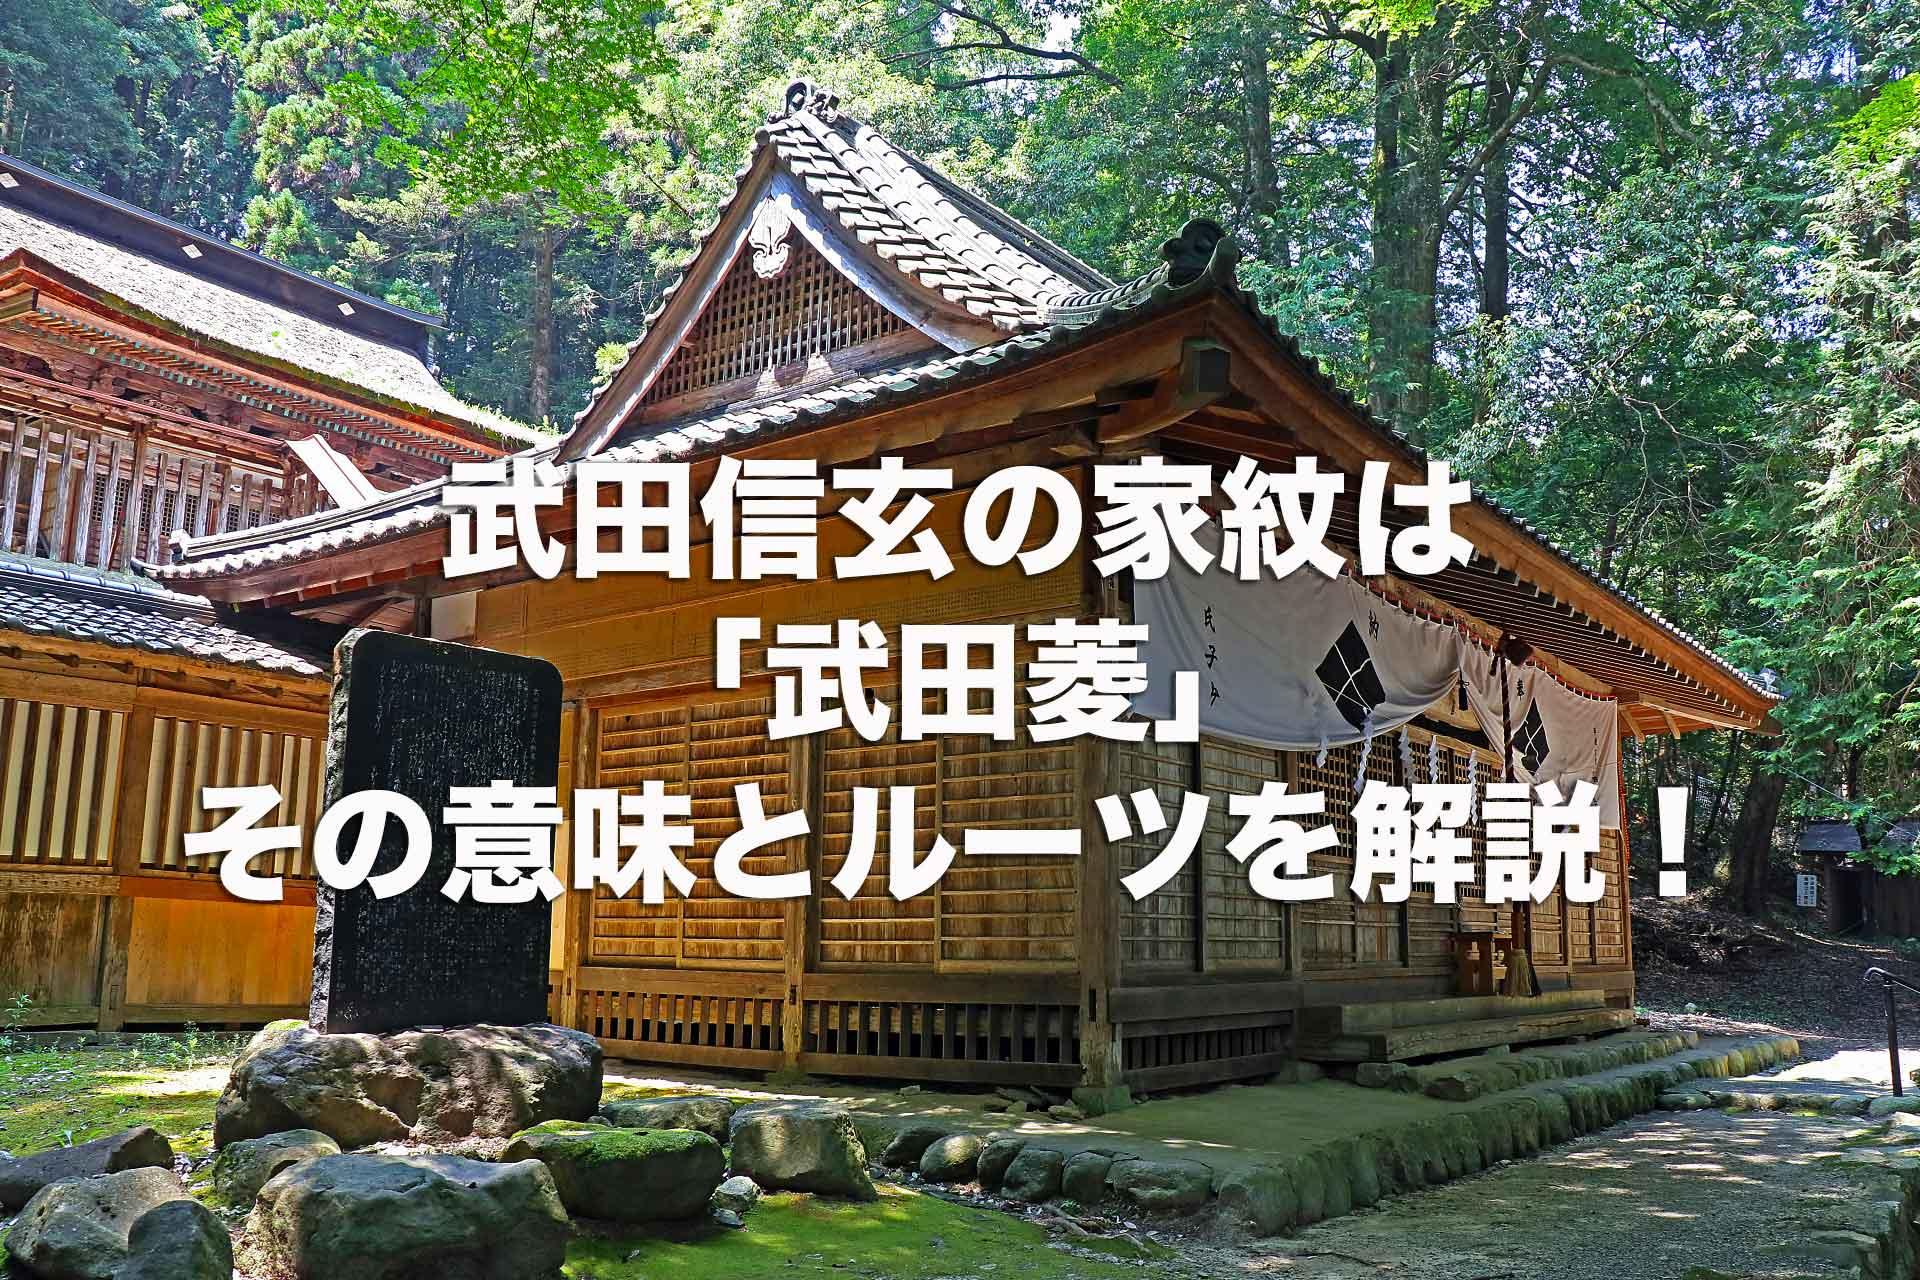 武田信玄の家紋は「武田菱」その家紋意味とルーツを徹底解説!